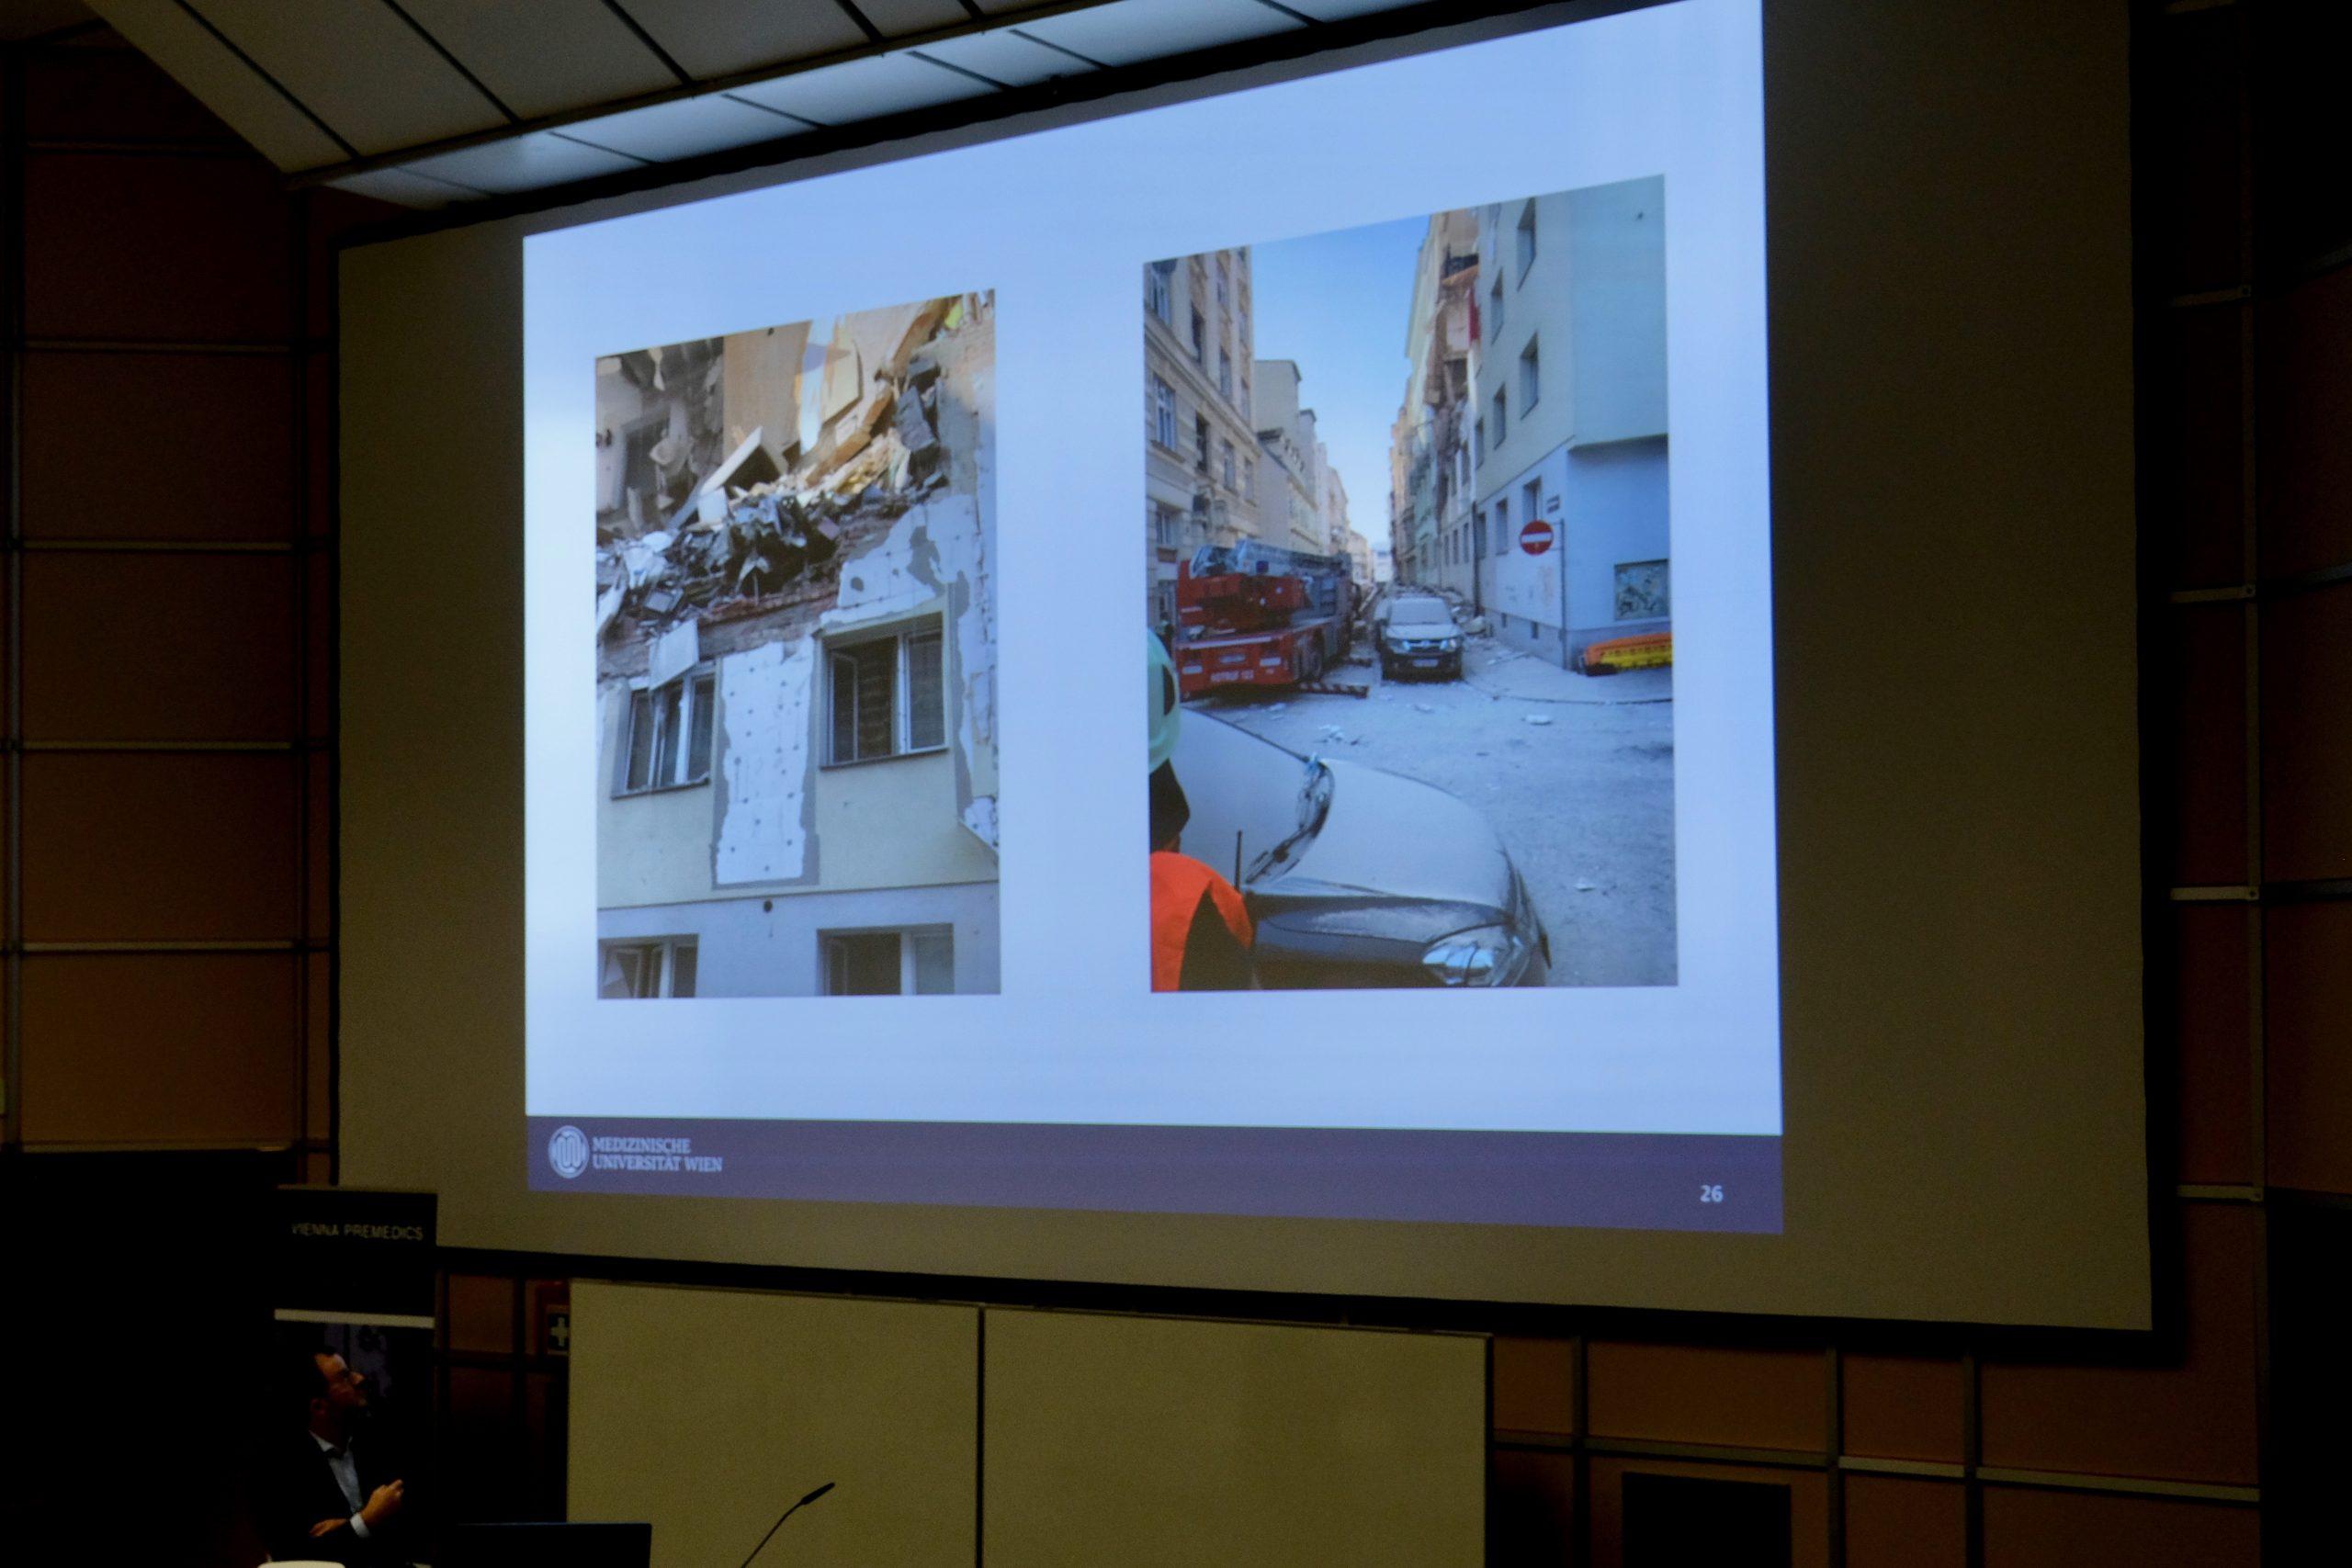 Lecture-Slide mit Beispielfoto einer Gasexplosion